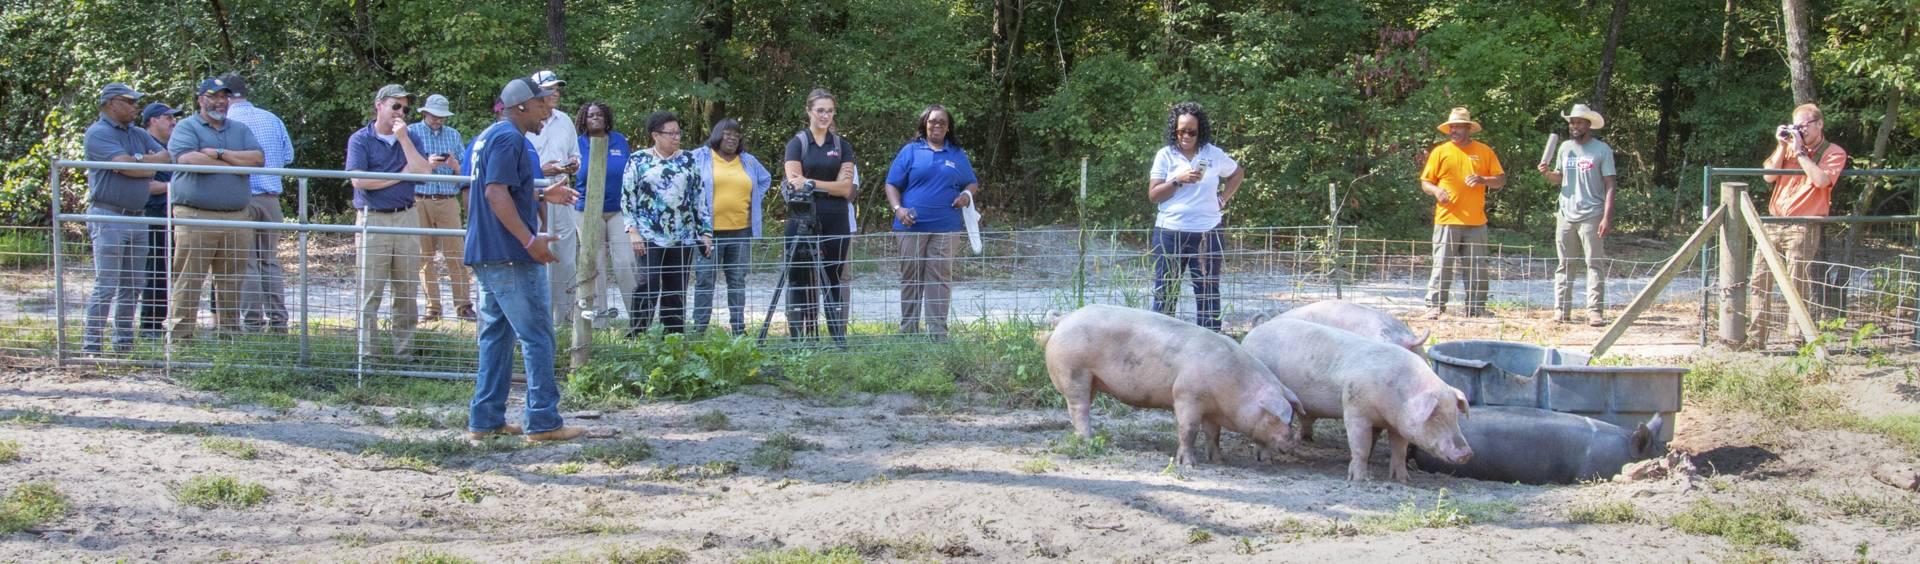 People looking at hogs